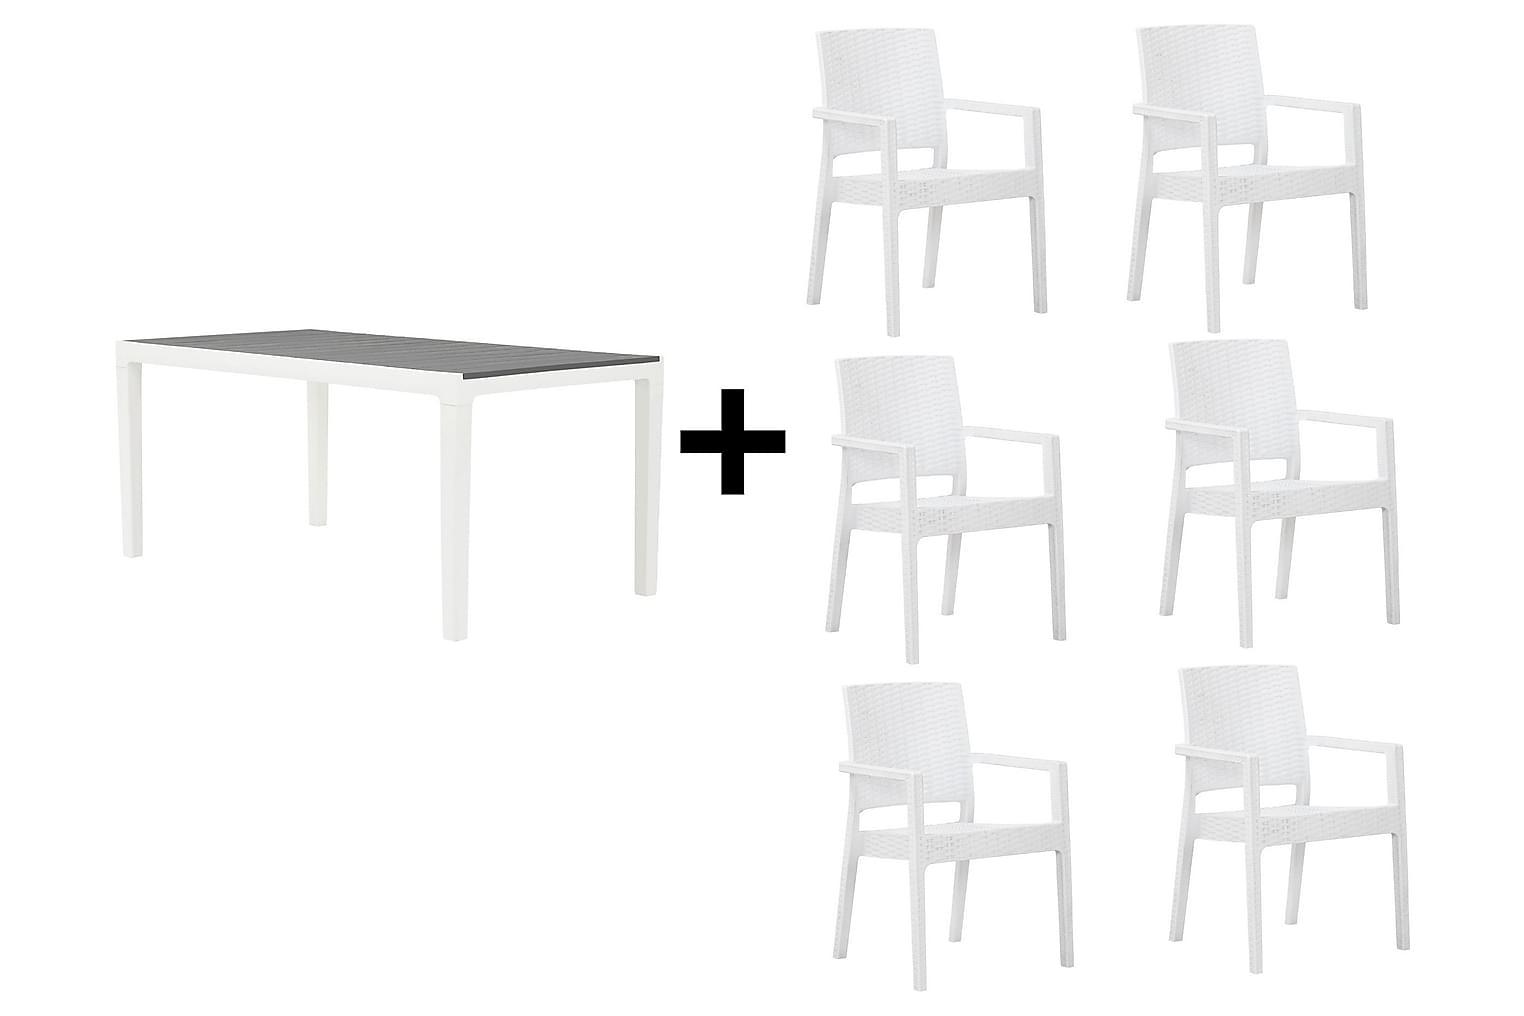 BILBAO Pöytä 160 Harmaa/valkoinen + 6 LEORA Karmituolia Valk